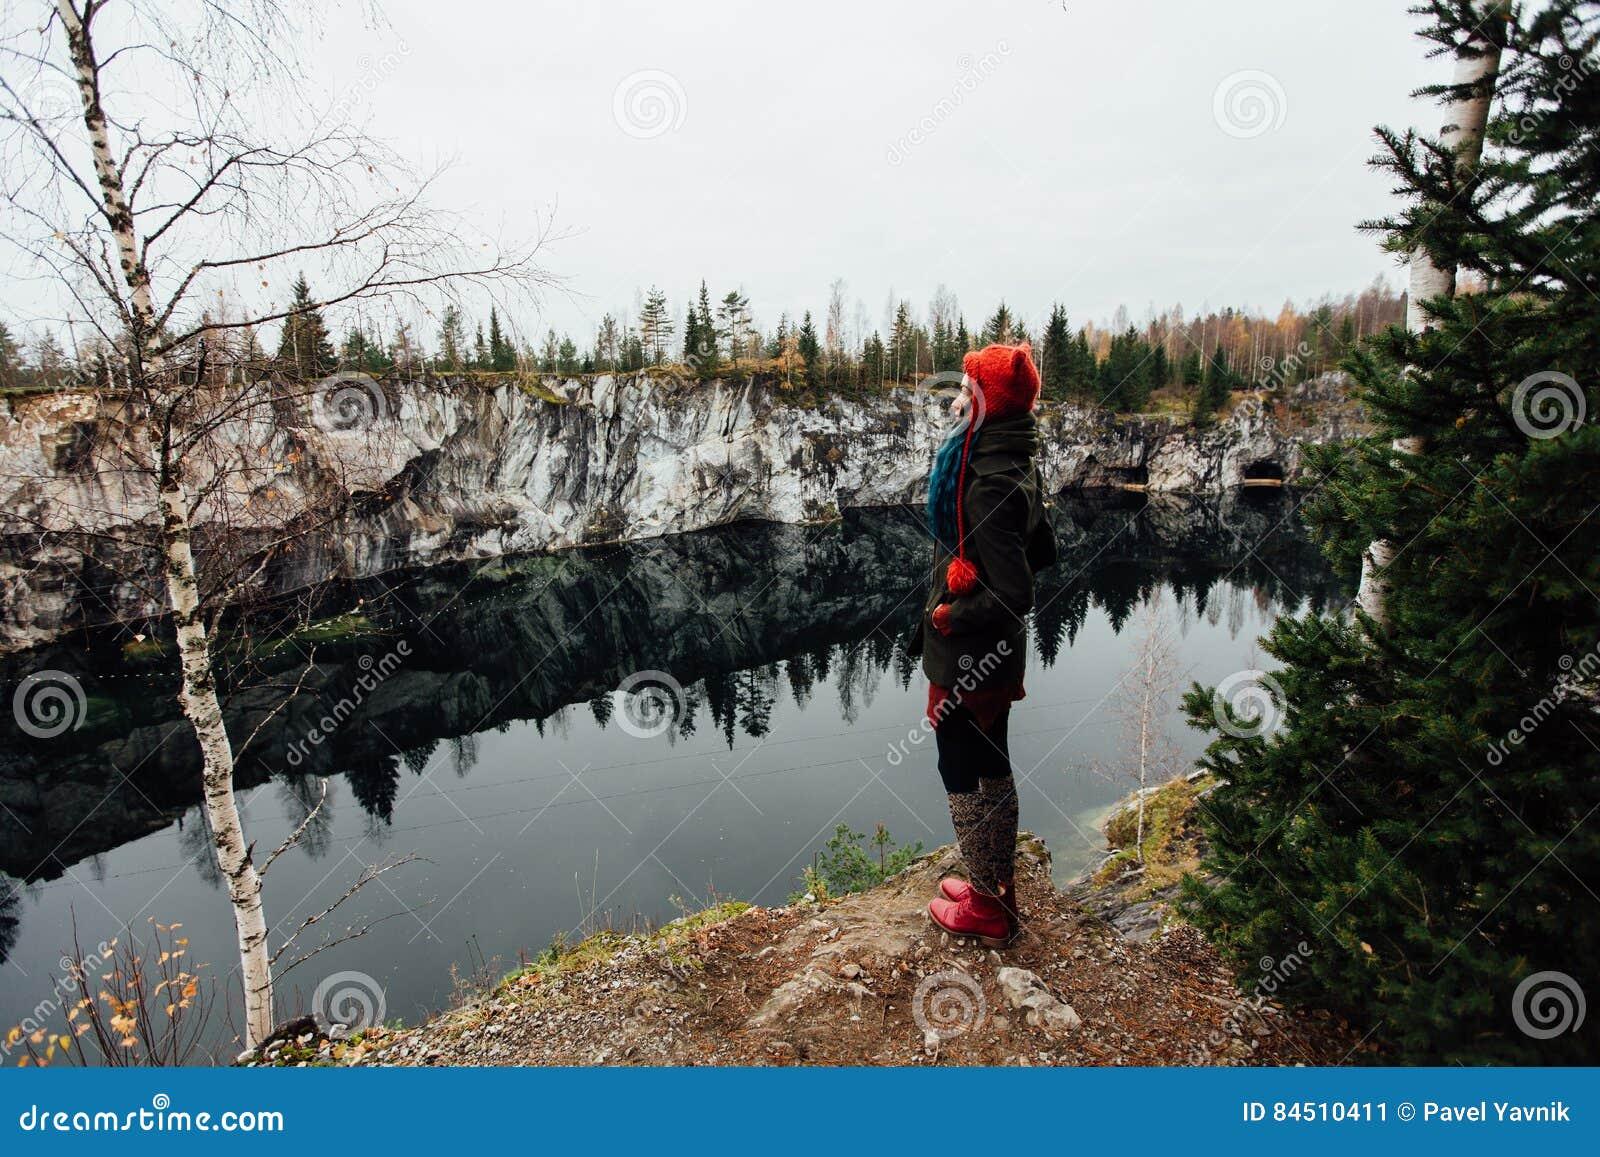 svyazal-devushku-v-lesu-porno-mnogo-muzhikov-trahayut-odnu-smotret-onlayn